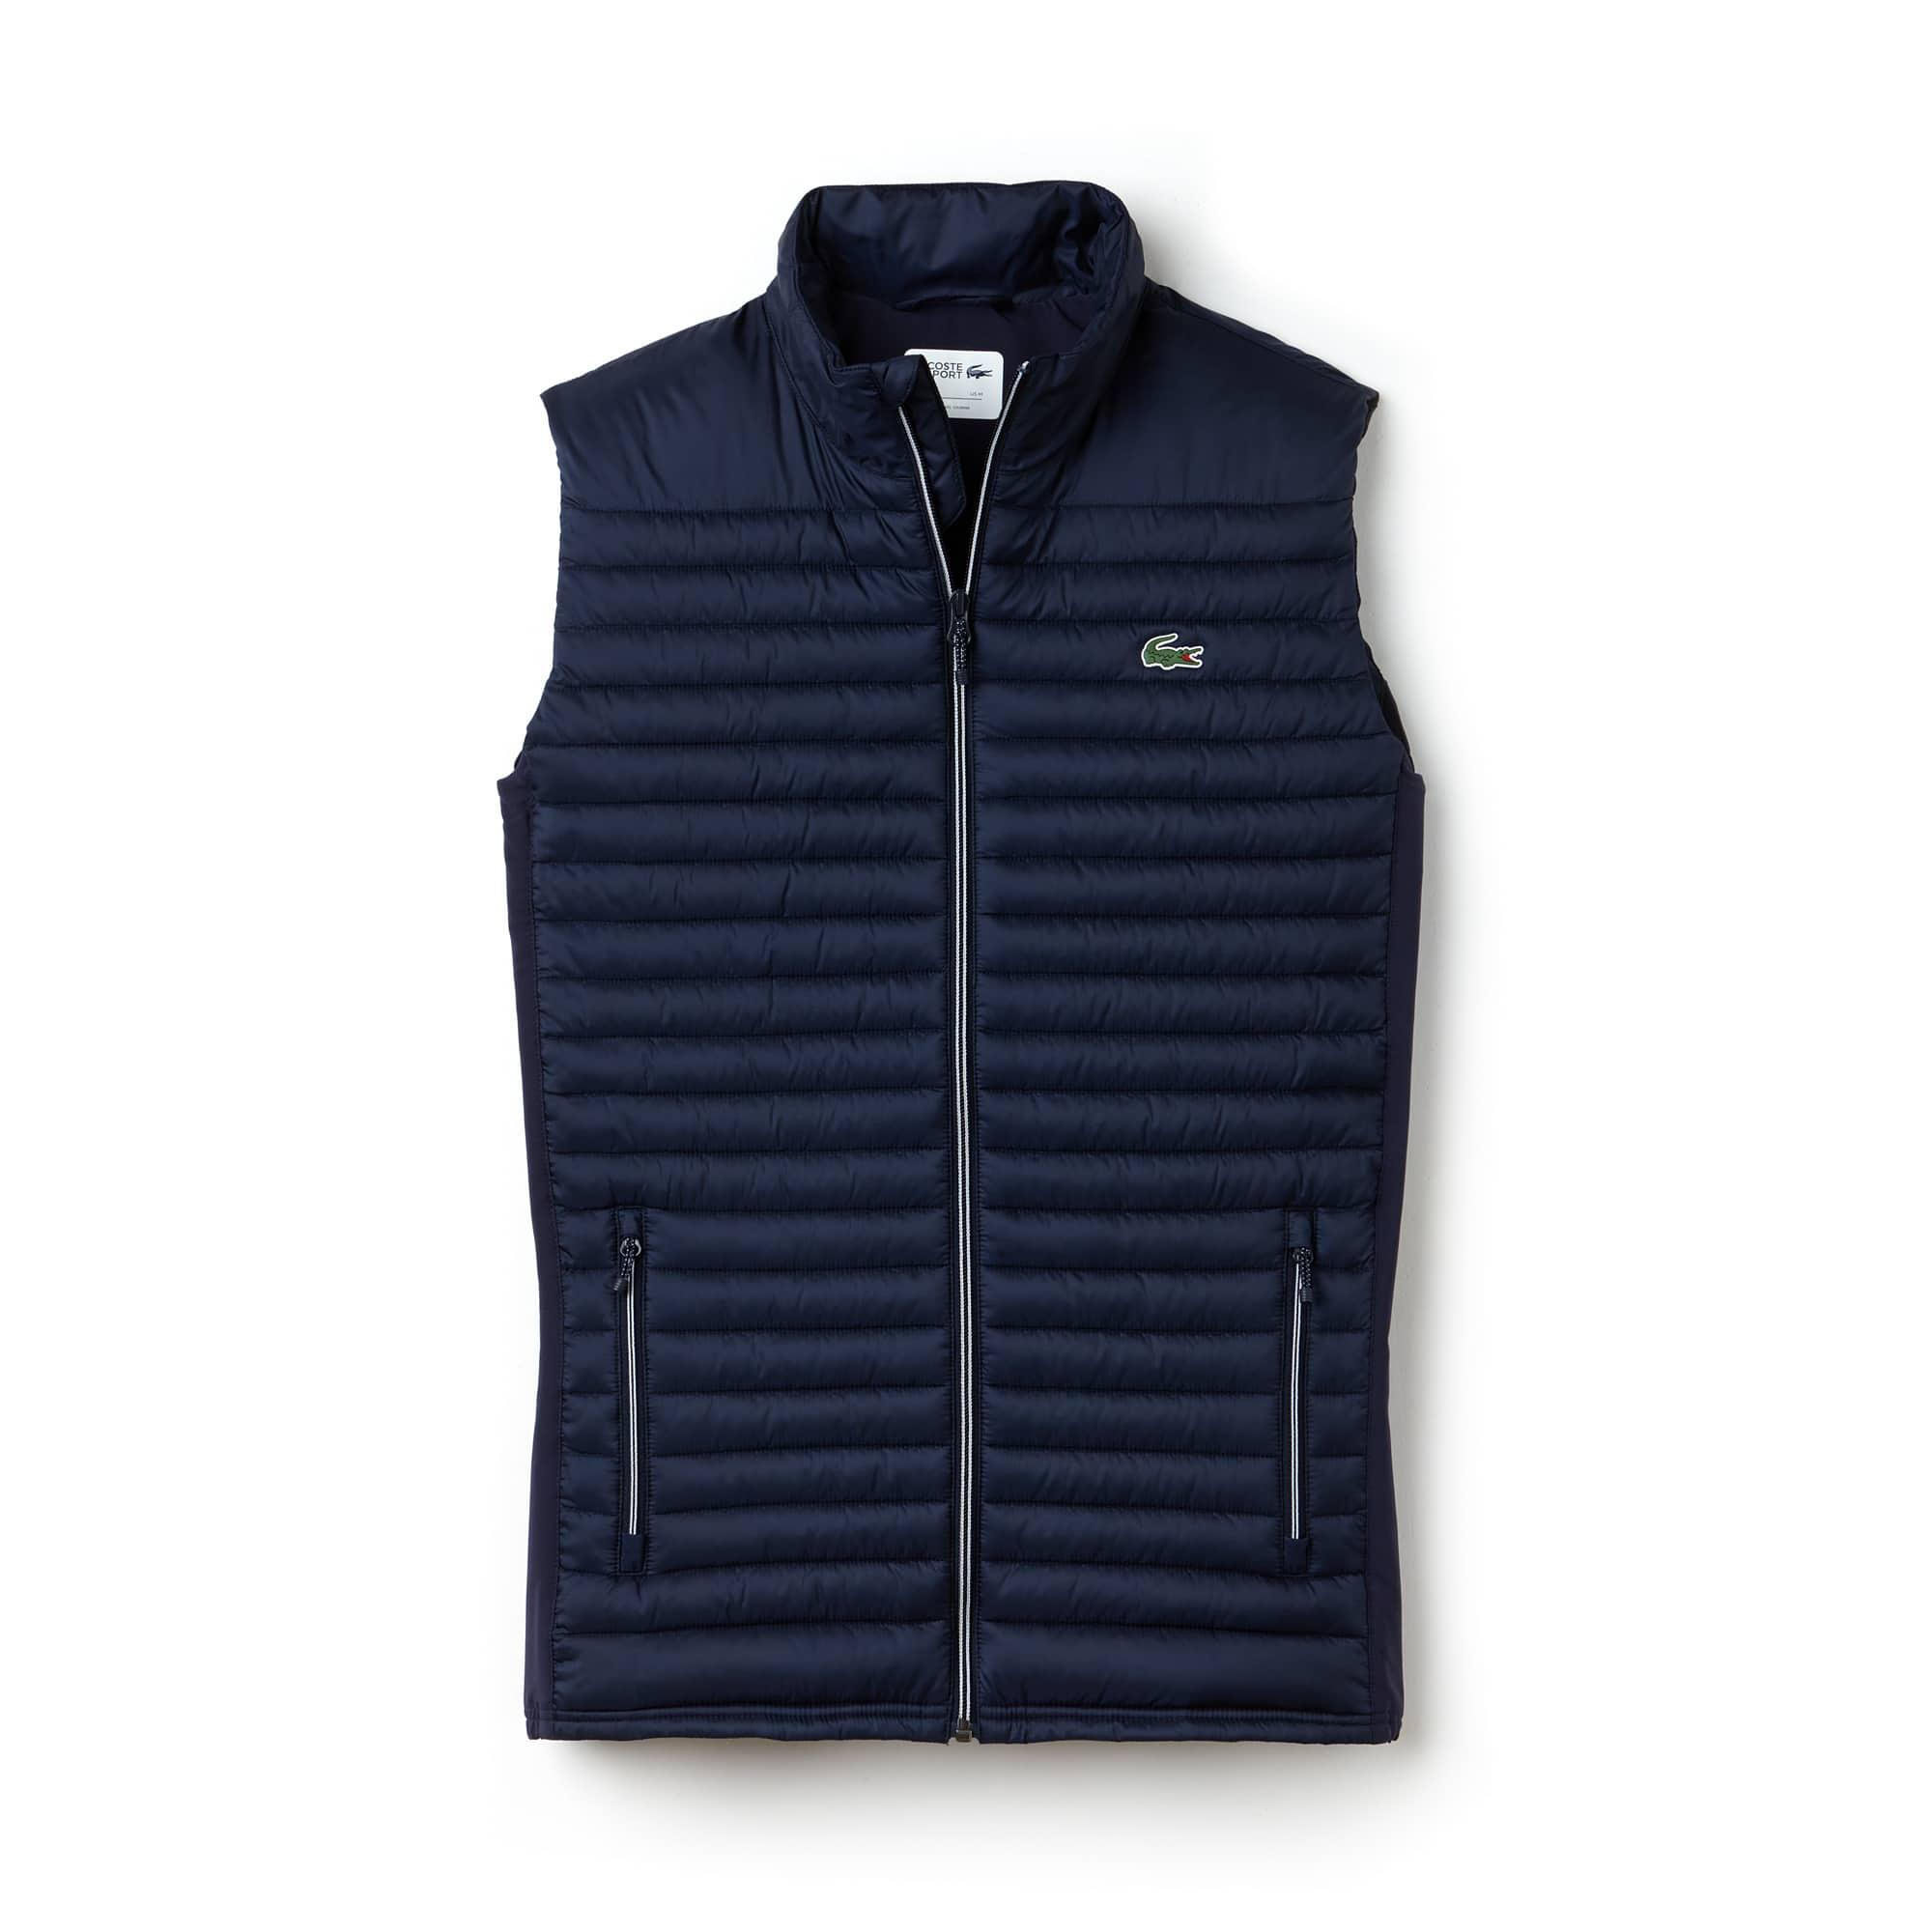 라코스테 스포츠 조끼  Lacoste Mens SPORT Golf Water-resistant Quilted Vest,navy blue/navy blue